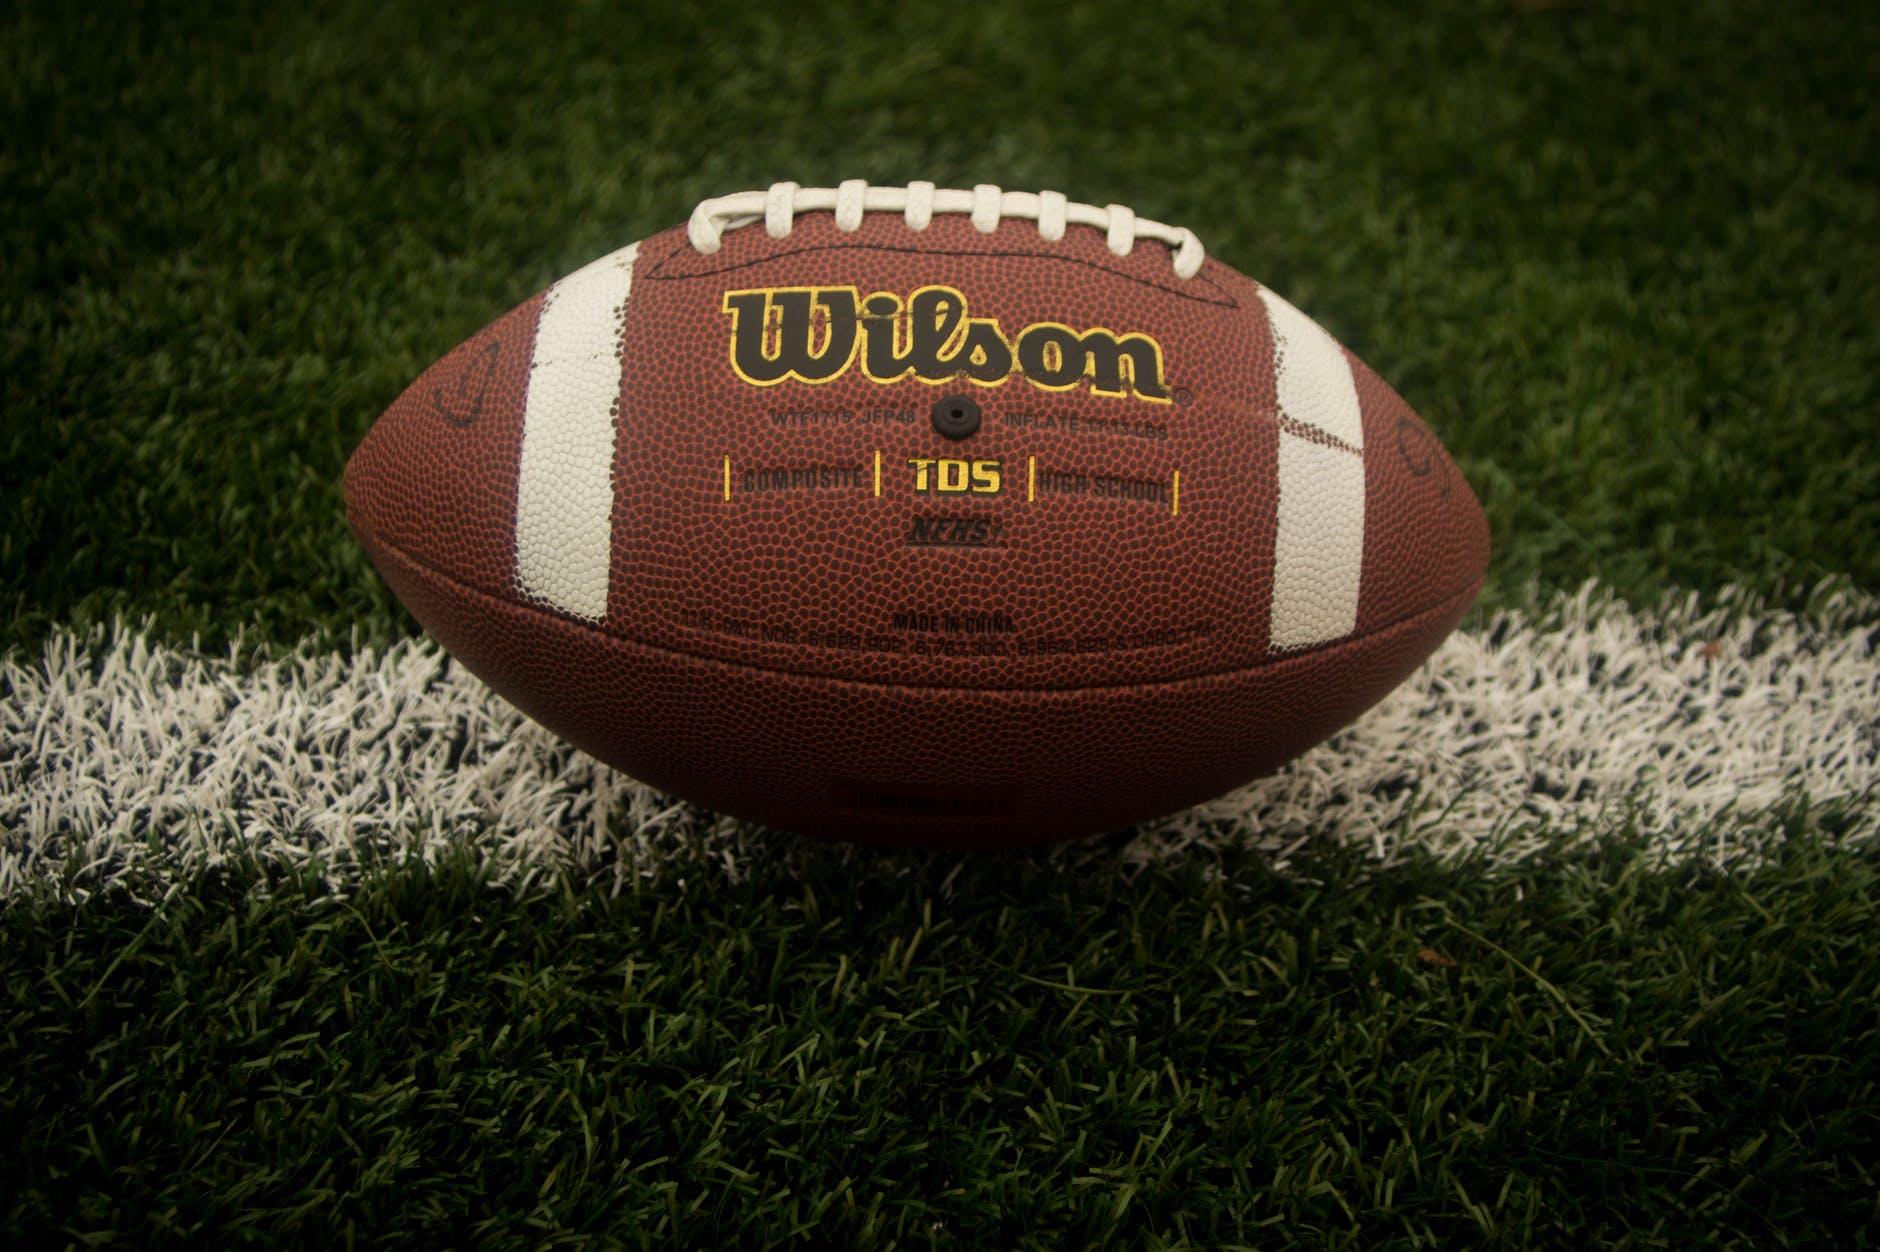 Watch-Super-Bowl-Online-Free